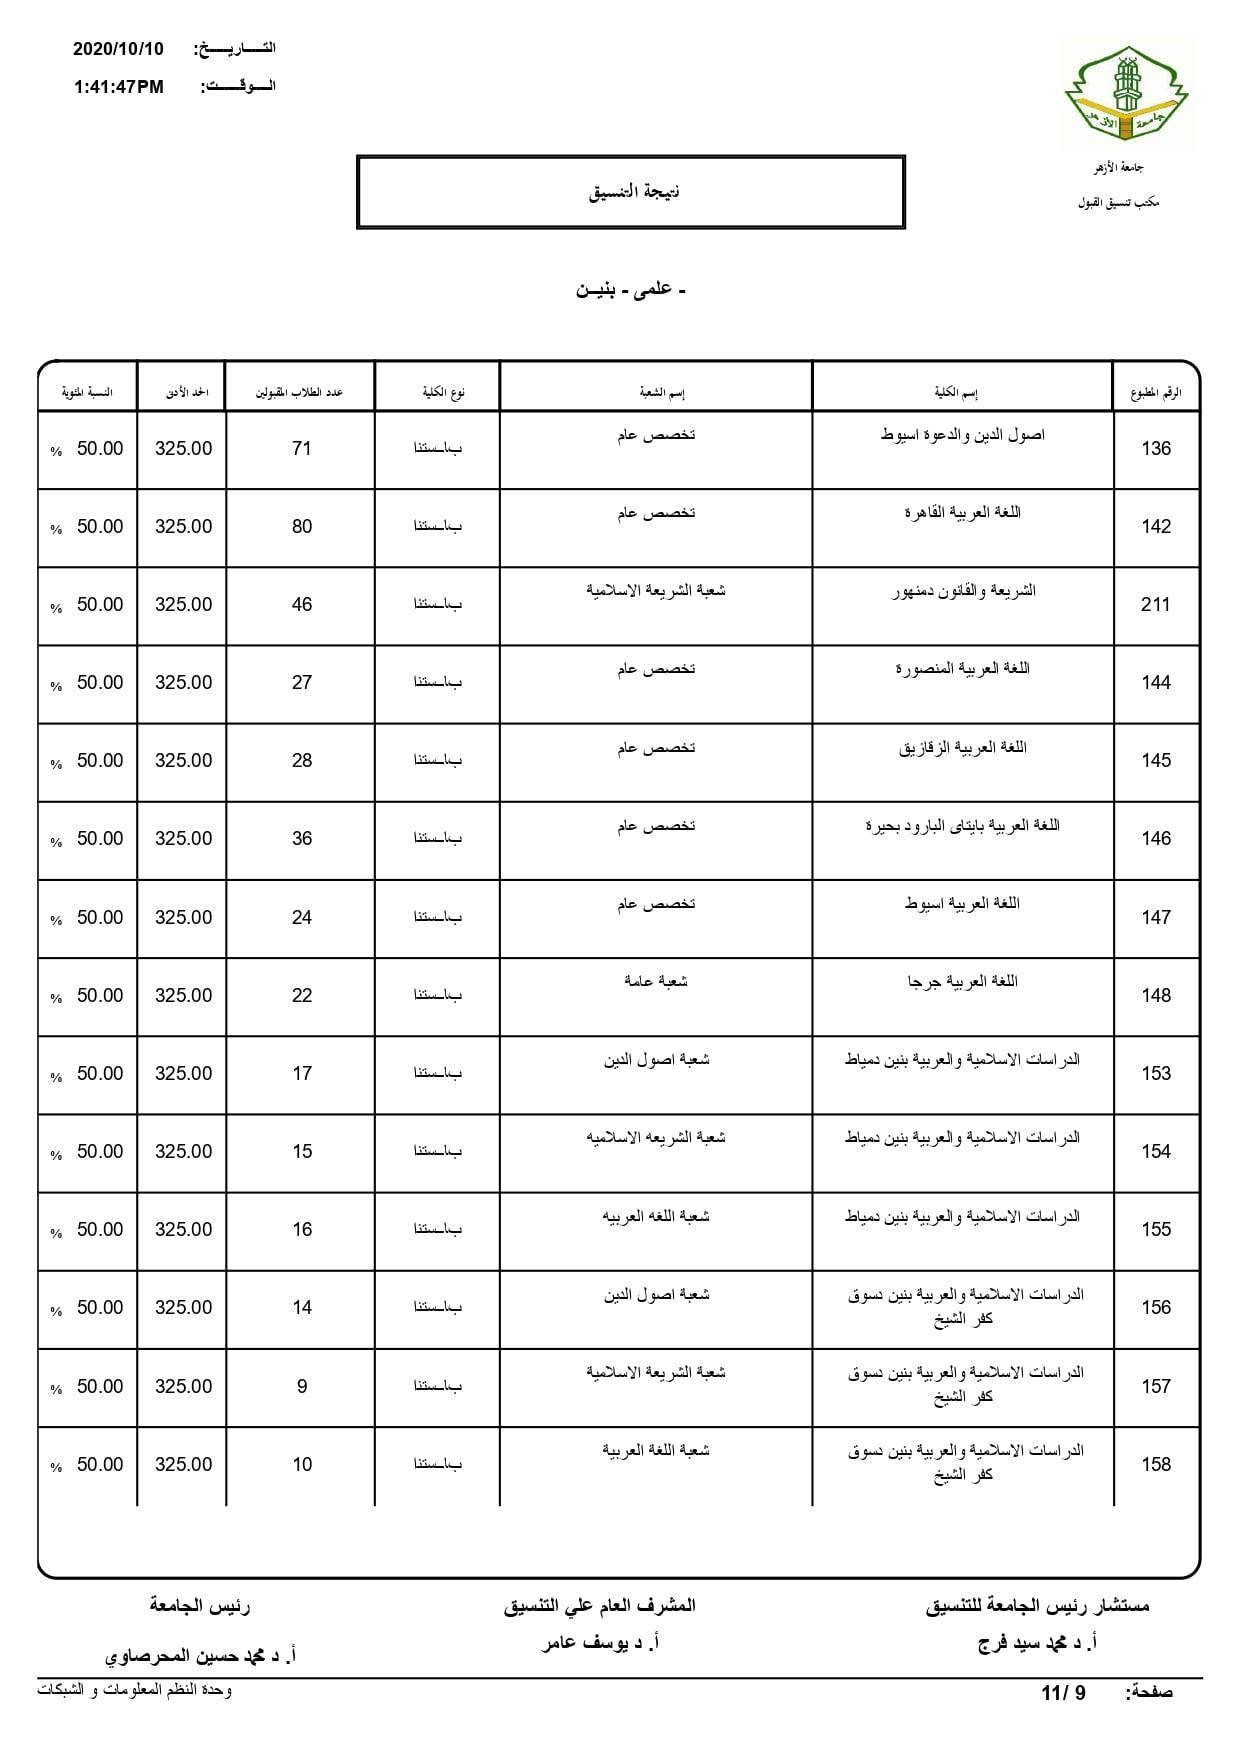 نتيجة تنسيق كليات جامعة الأزهر لعام 2020 بالكامل 20201010200852327